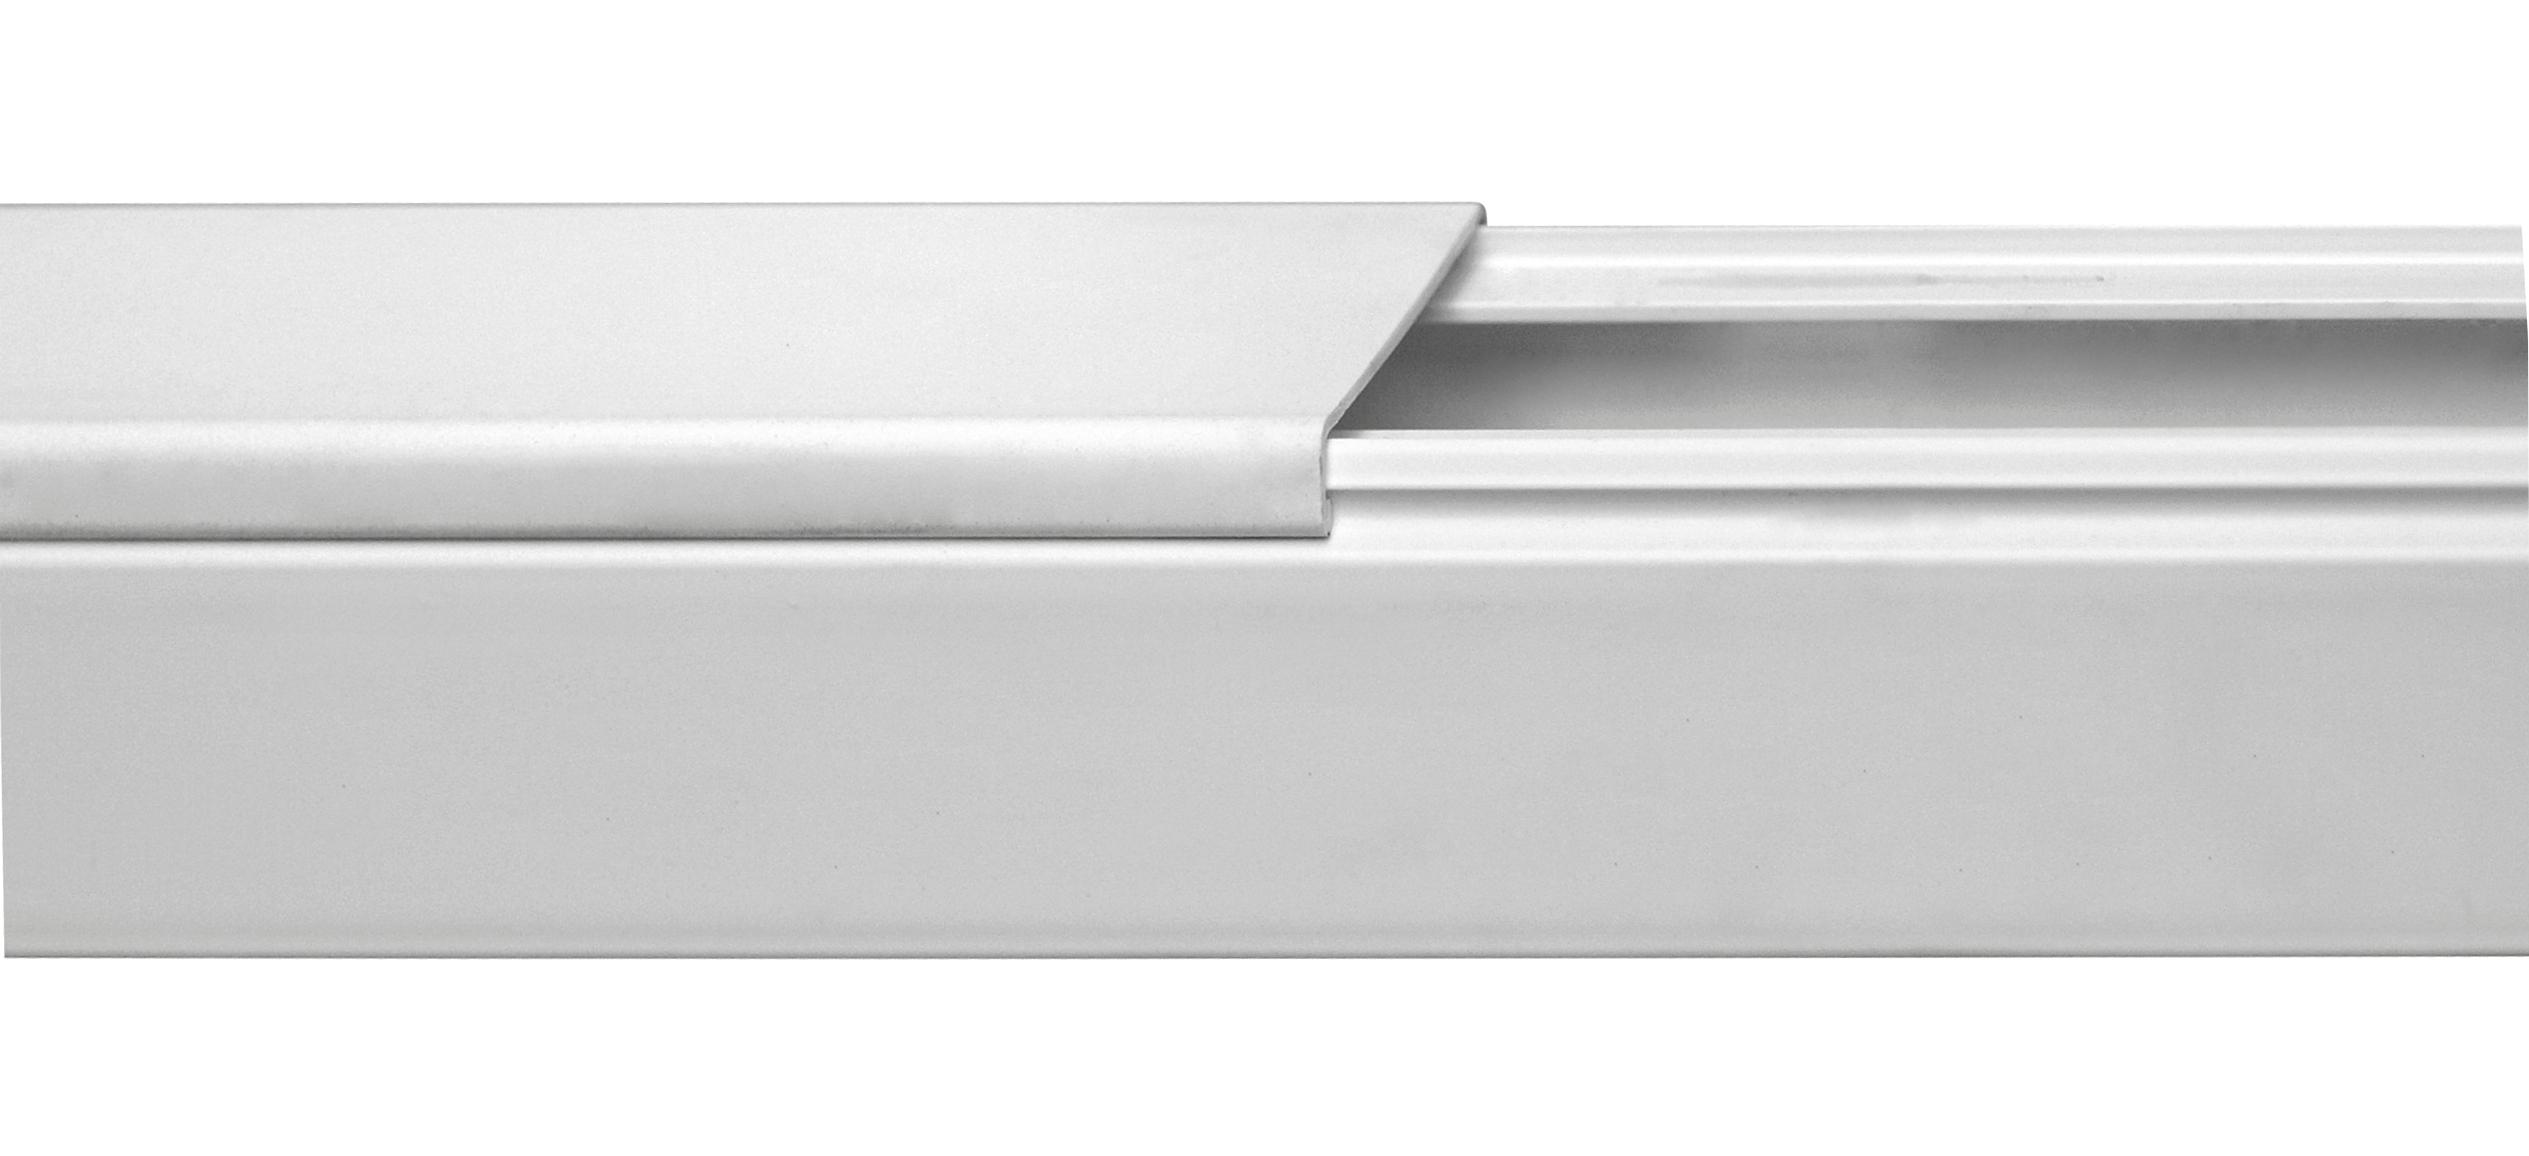 1 m Leitungskanal LE 60x60mm (BxH), RAL 9010 RH727894--